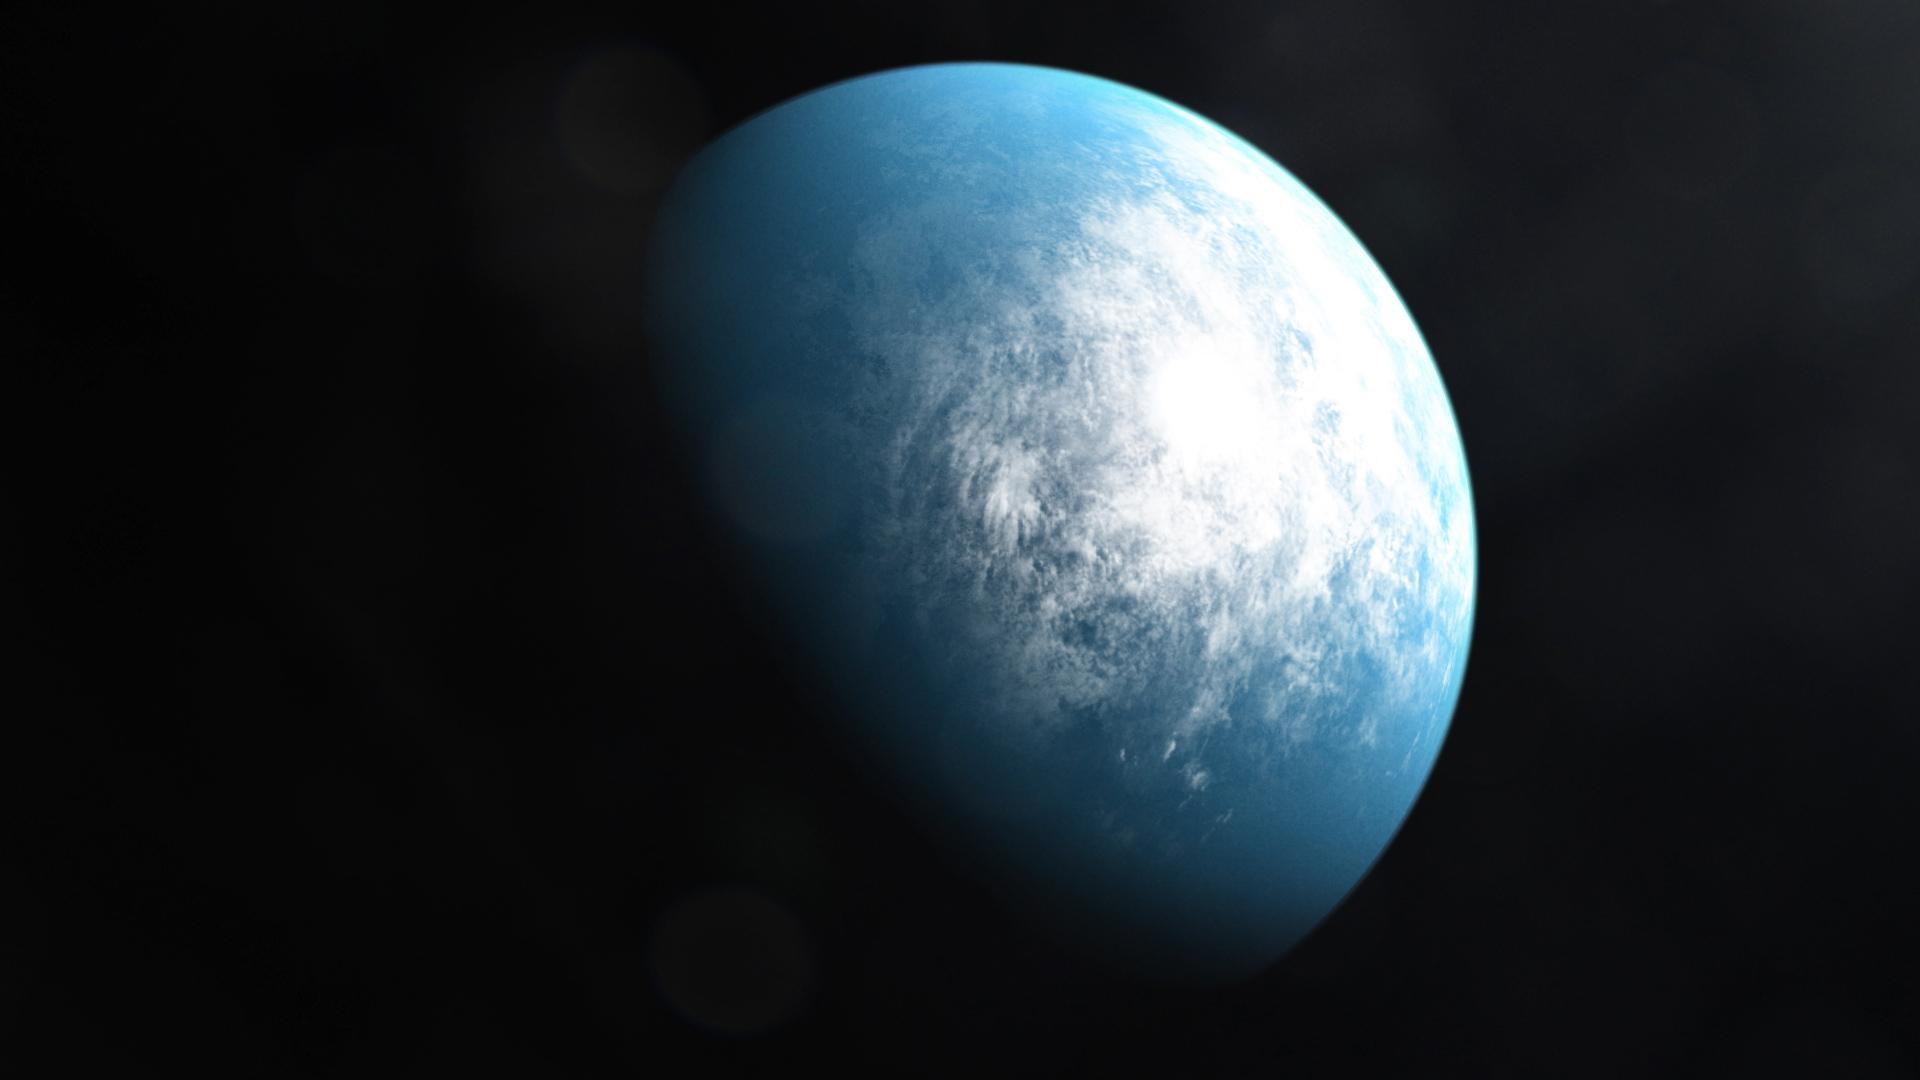 ดาวเคราะห์นอกระบบ TOI 700 d